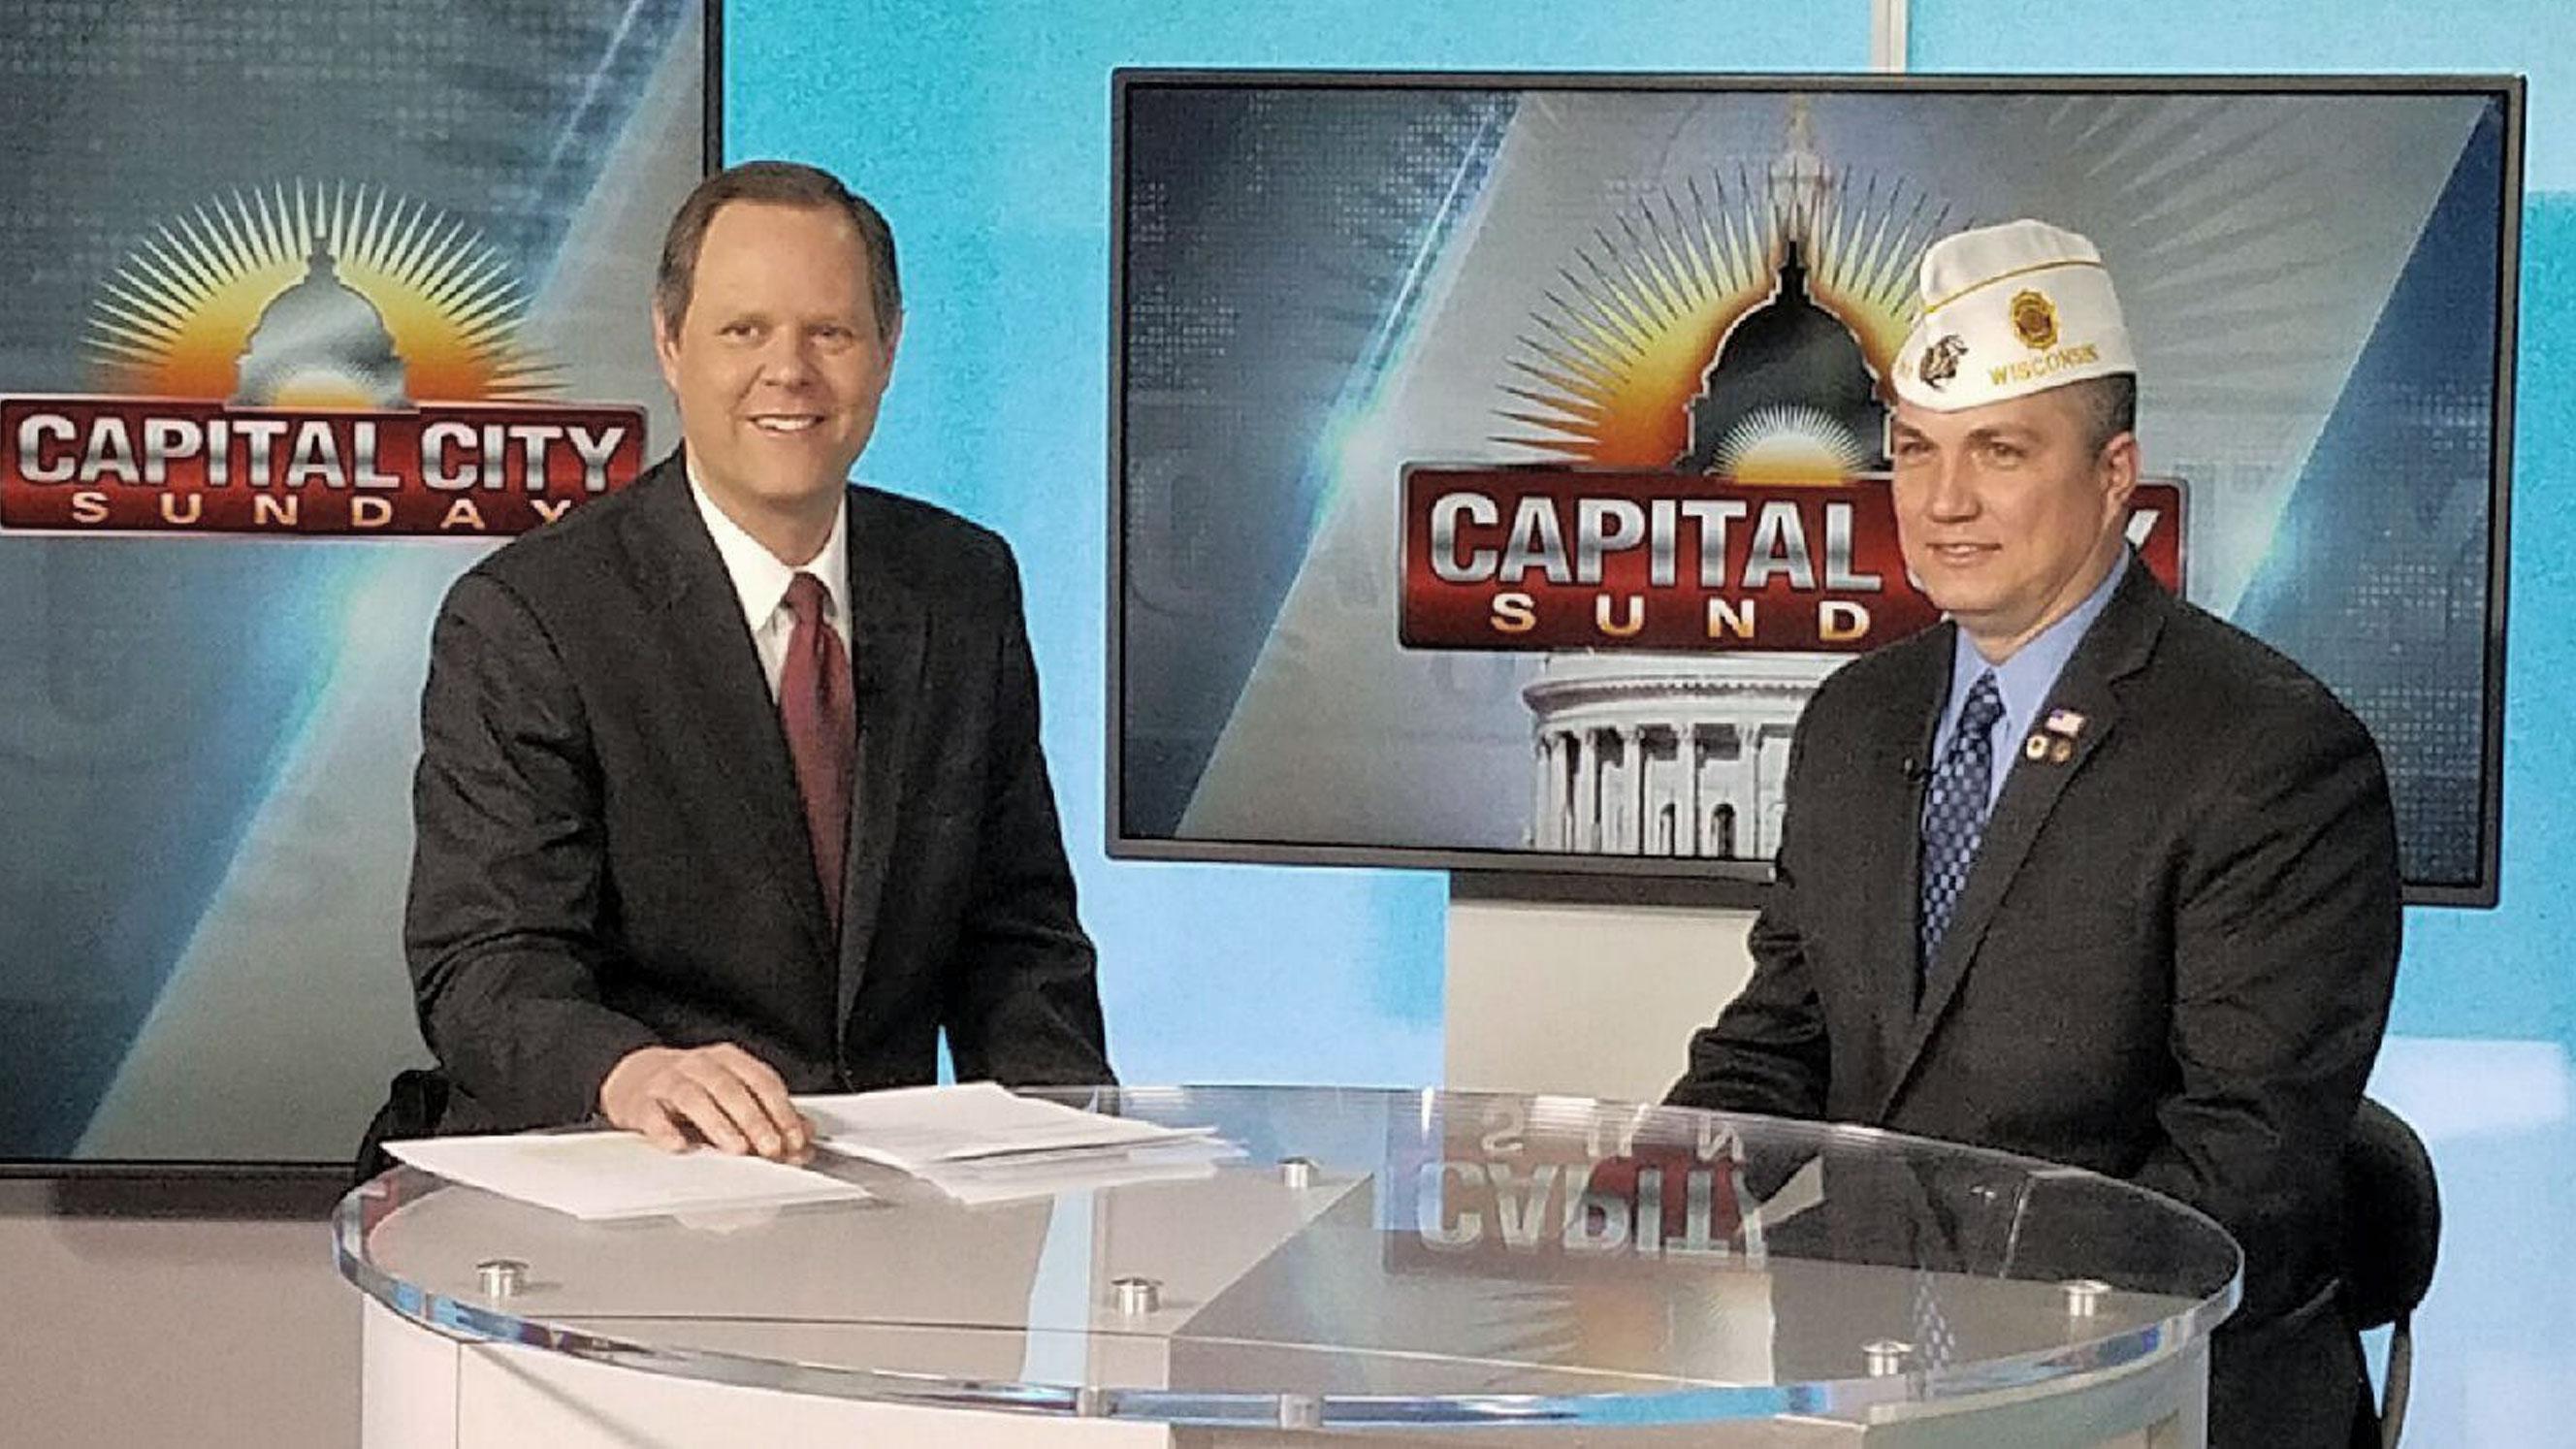 American Legion State Commander Seehafer speaks on behalf of veterans regarding the repeal of prevailing wage in Wisconsin